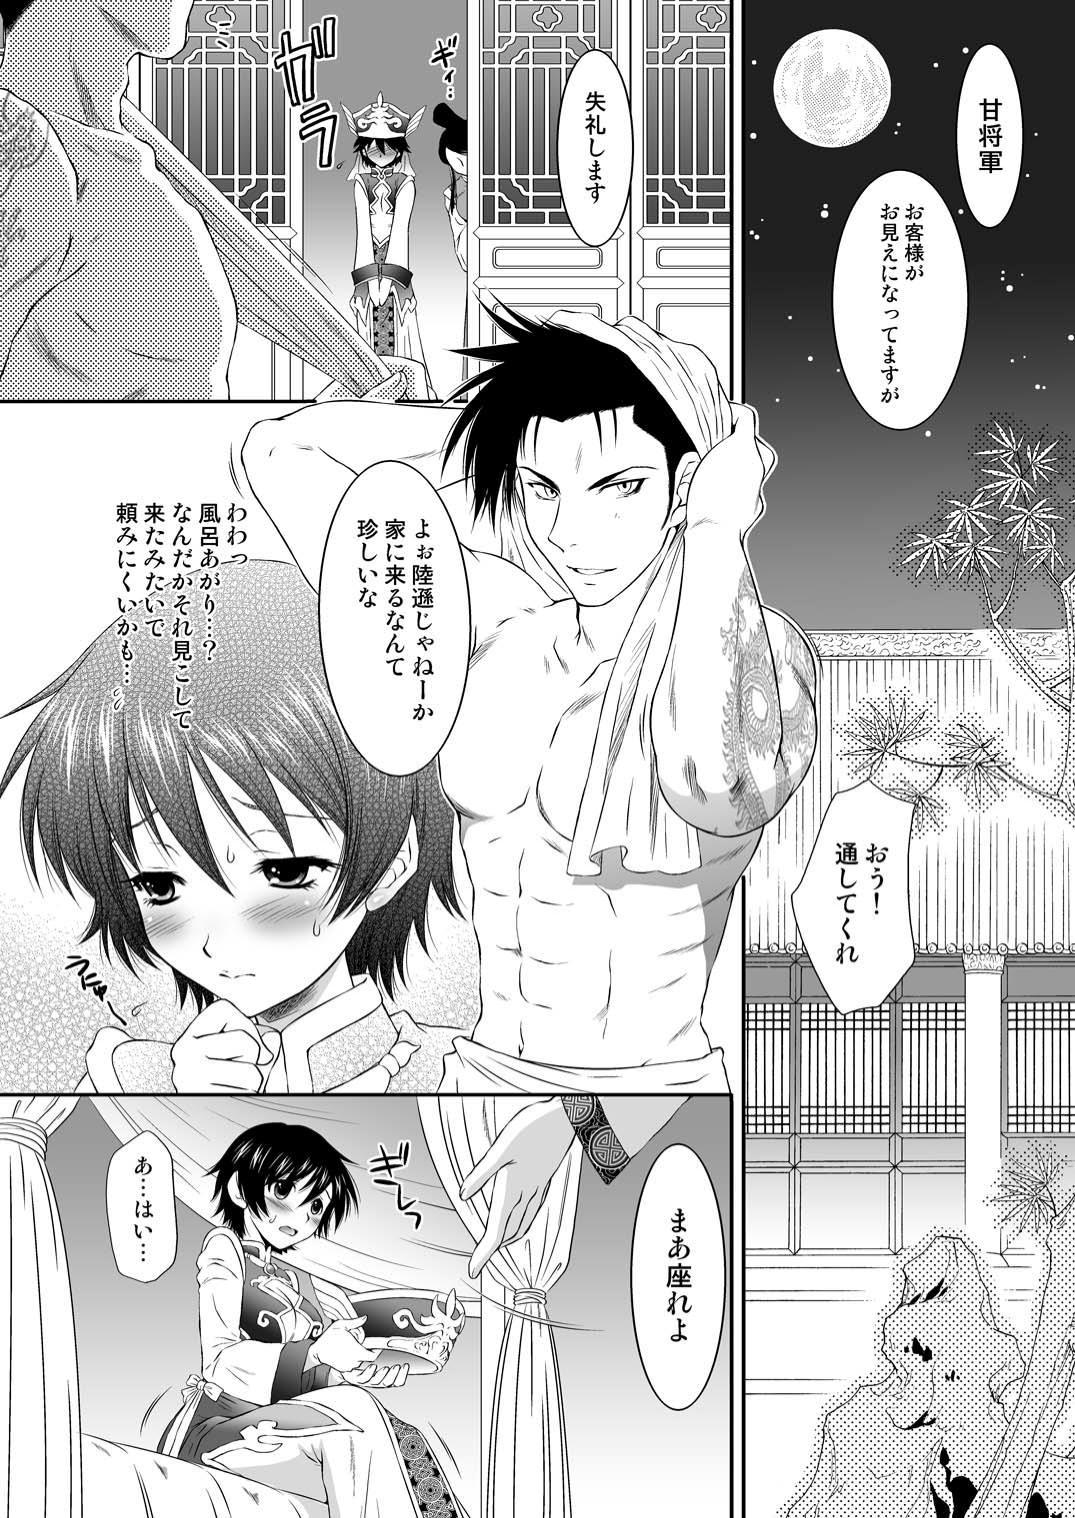 [U.R.C (MOMOYA SHOW-NEKO)] Himitsu no Rikuson-chan (Shin Sangoku Musou (Dynasty Warriors)) 6